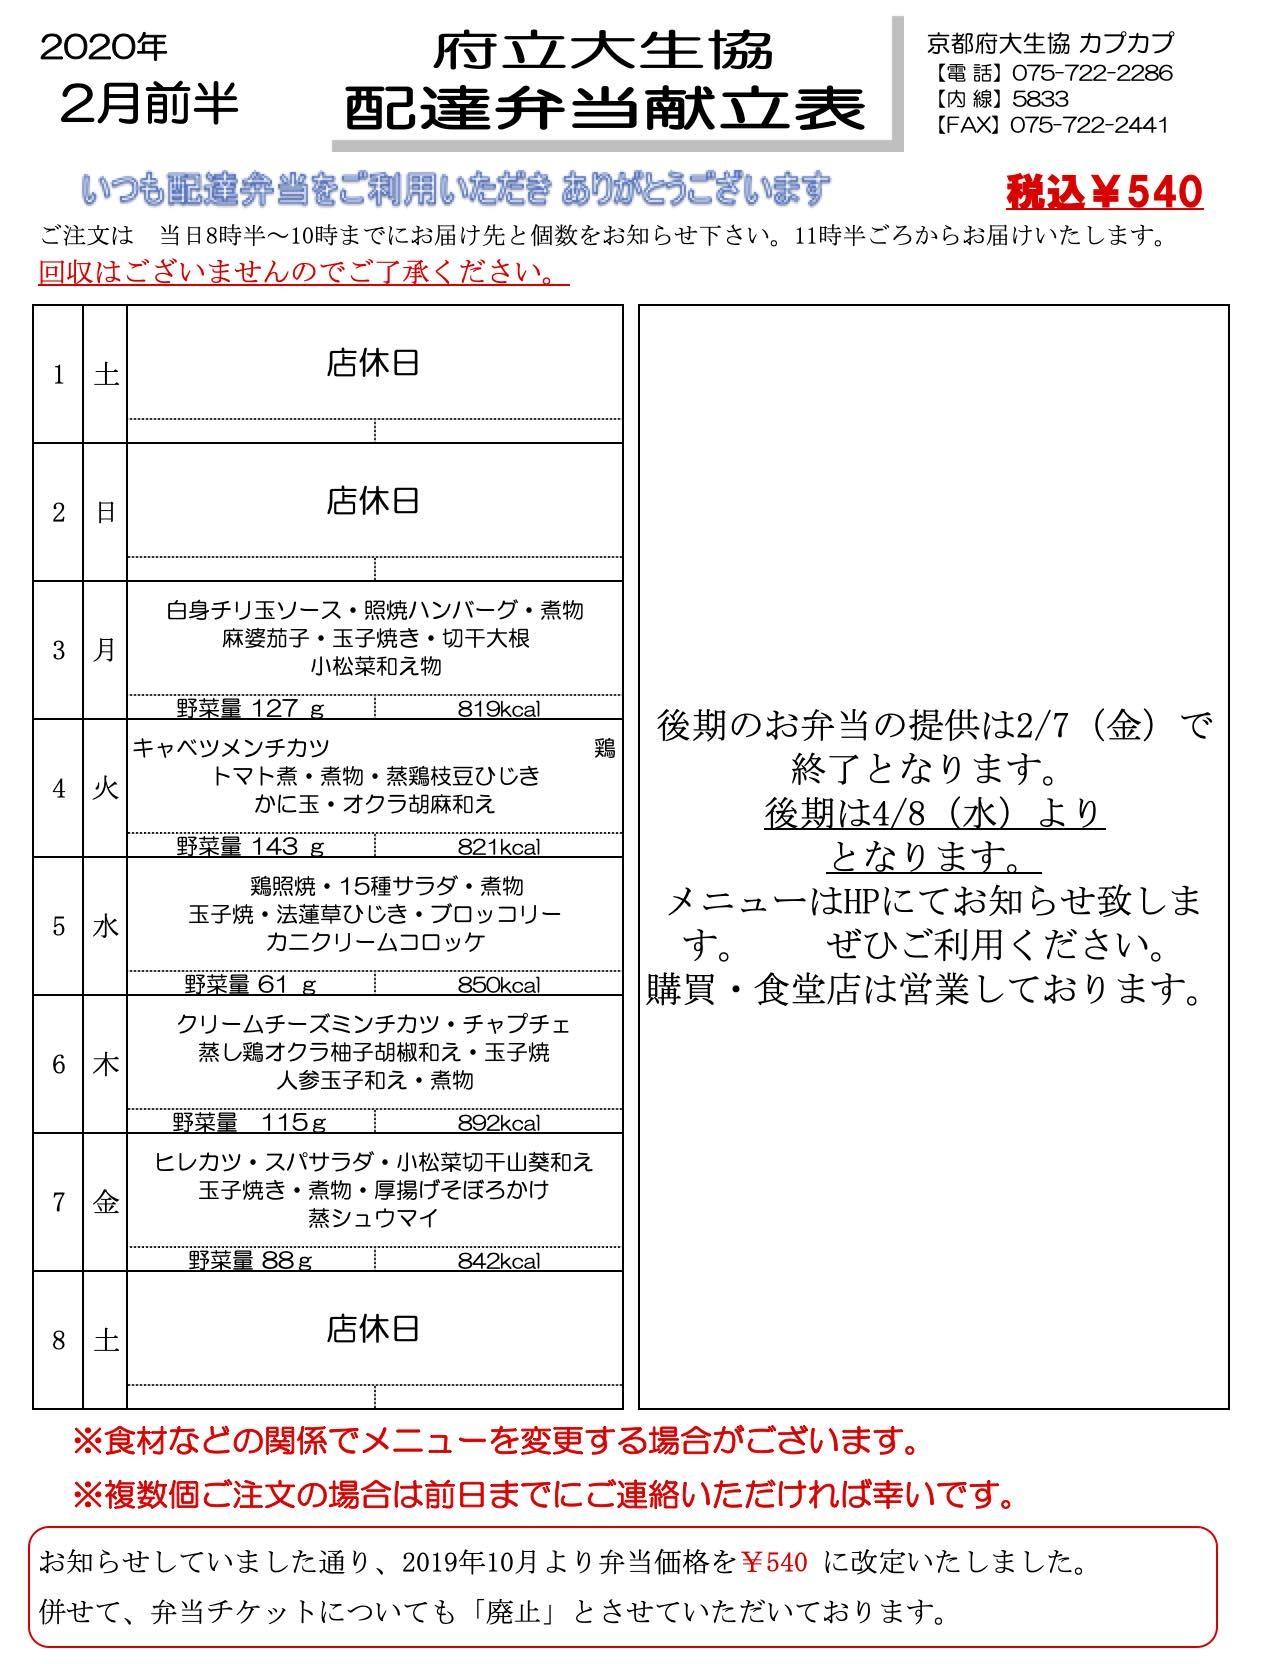 202002_zenhan.jpg